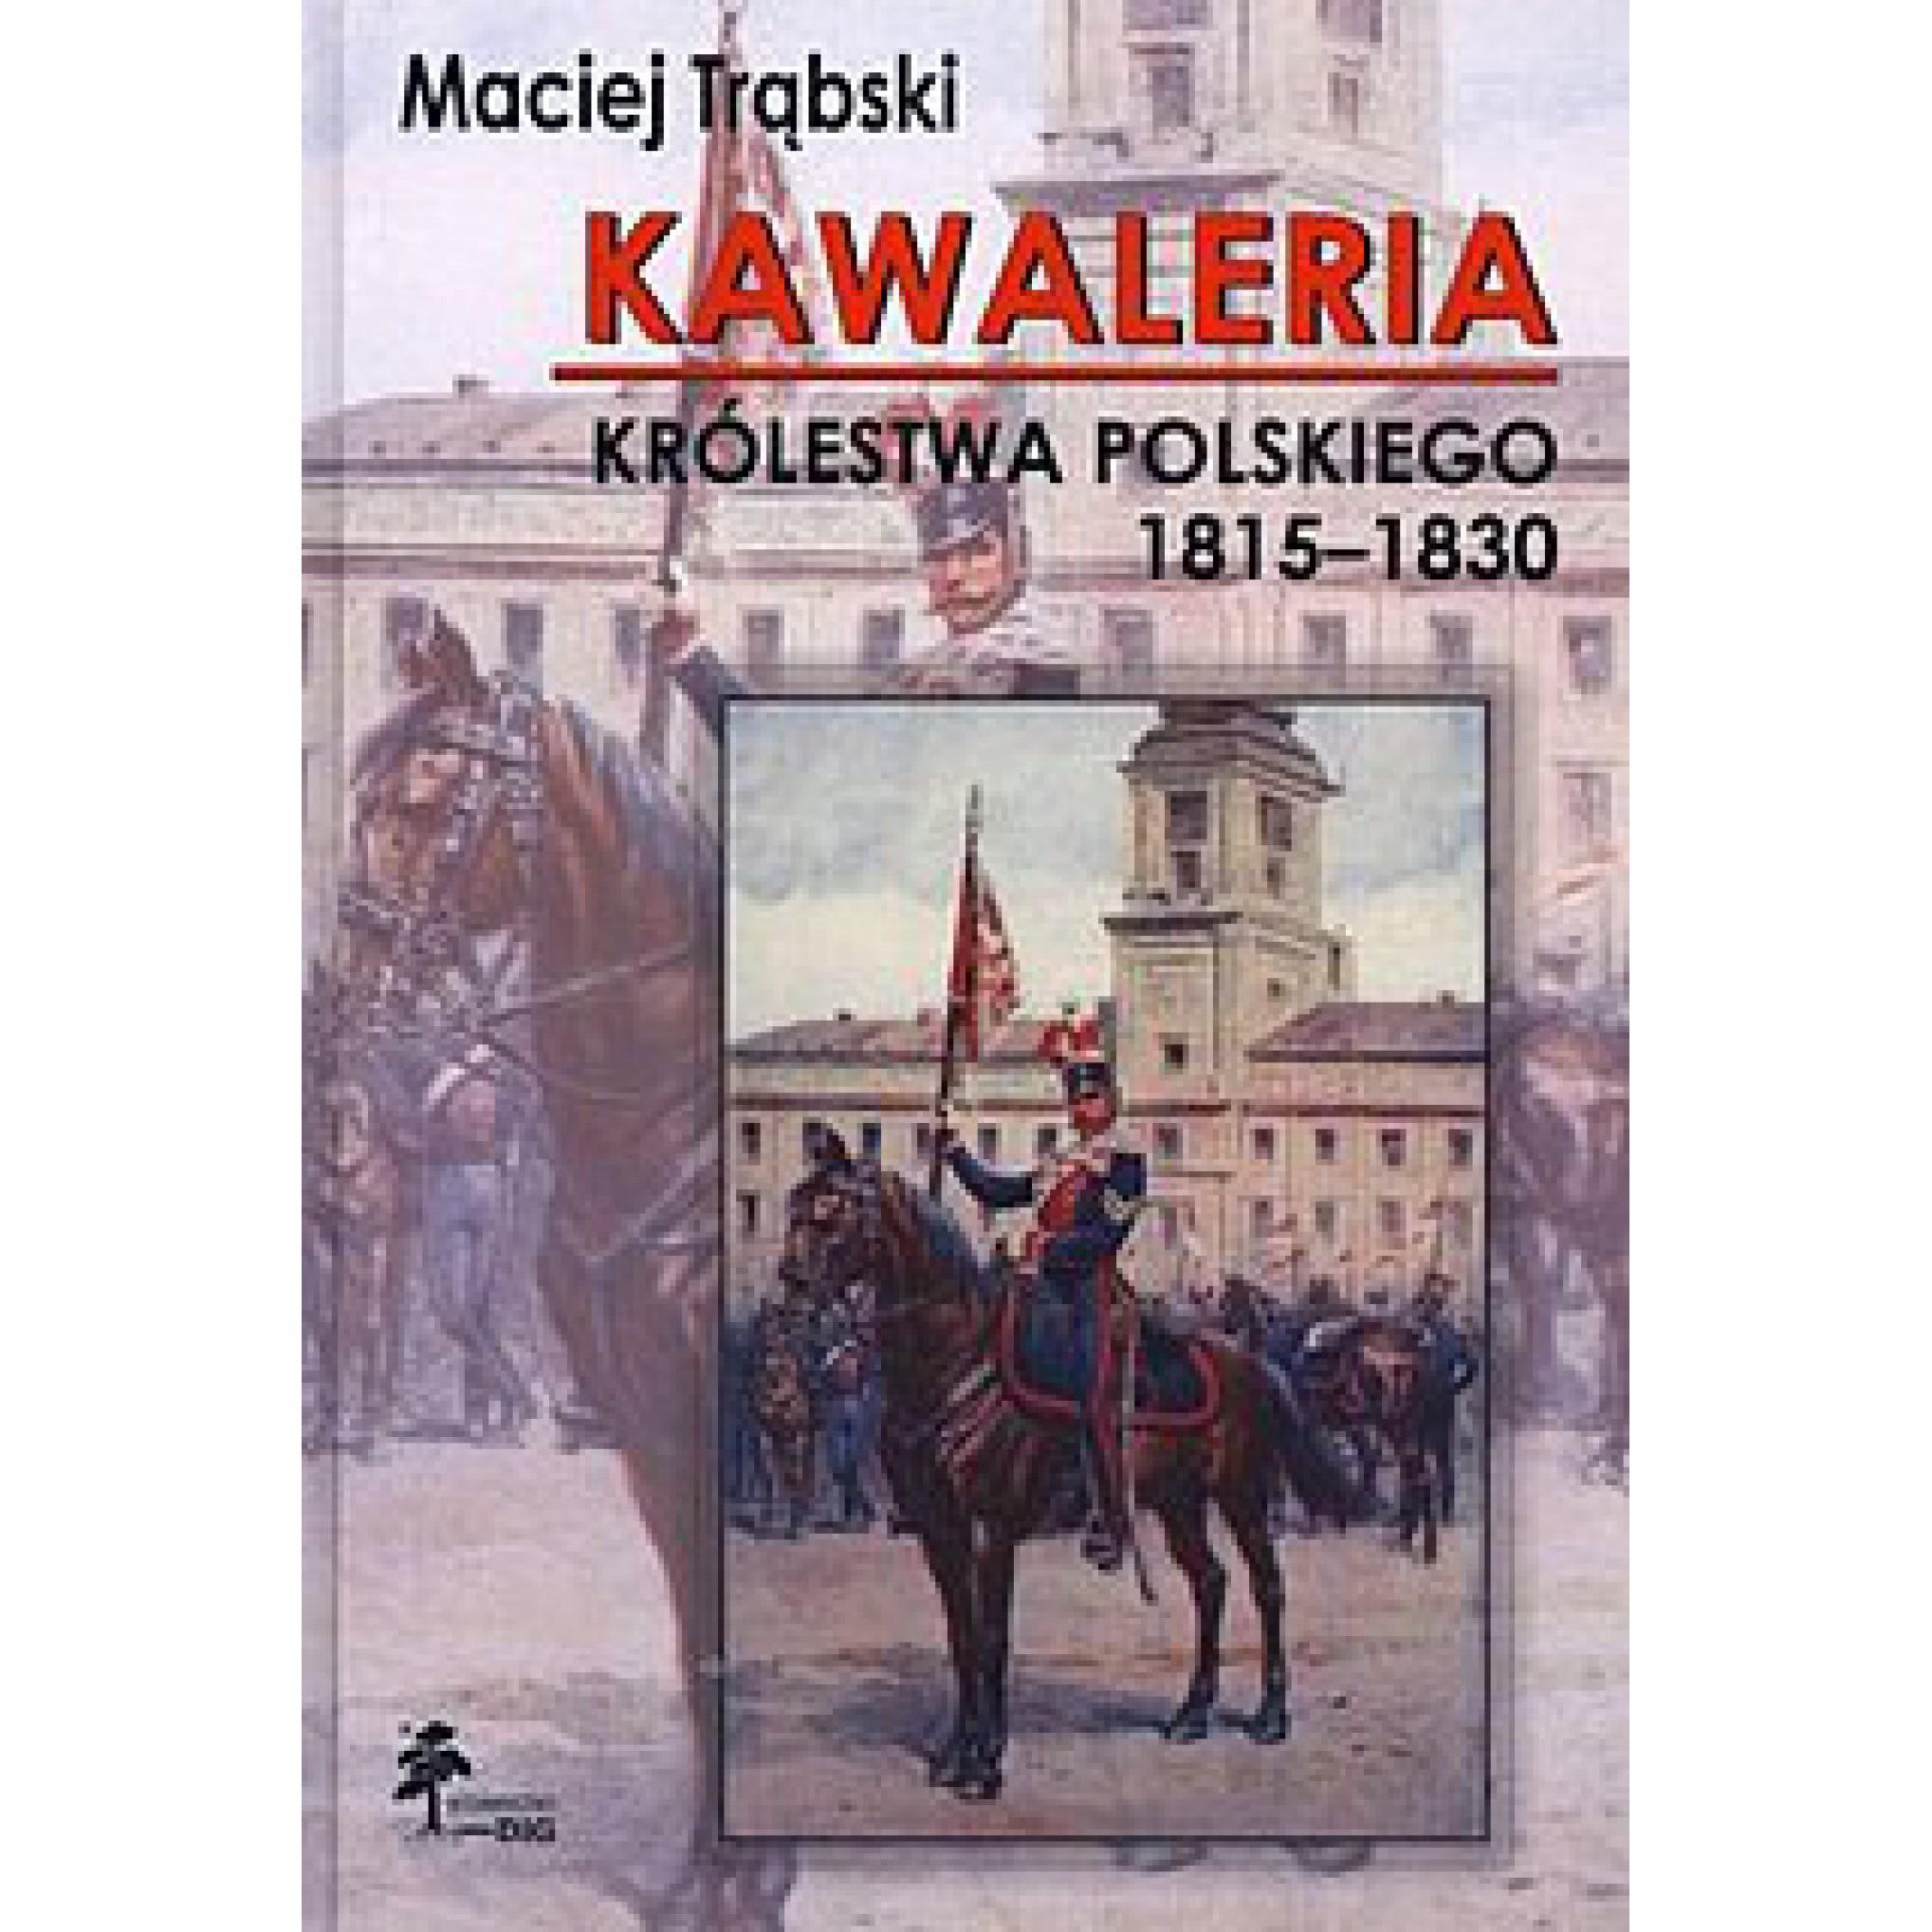 Kawaleria królestwa polskiego 1815-1830